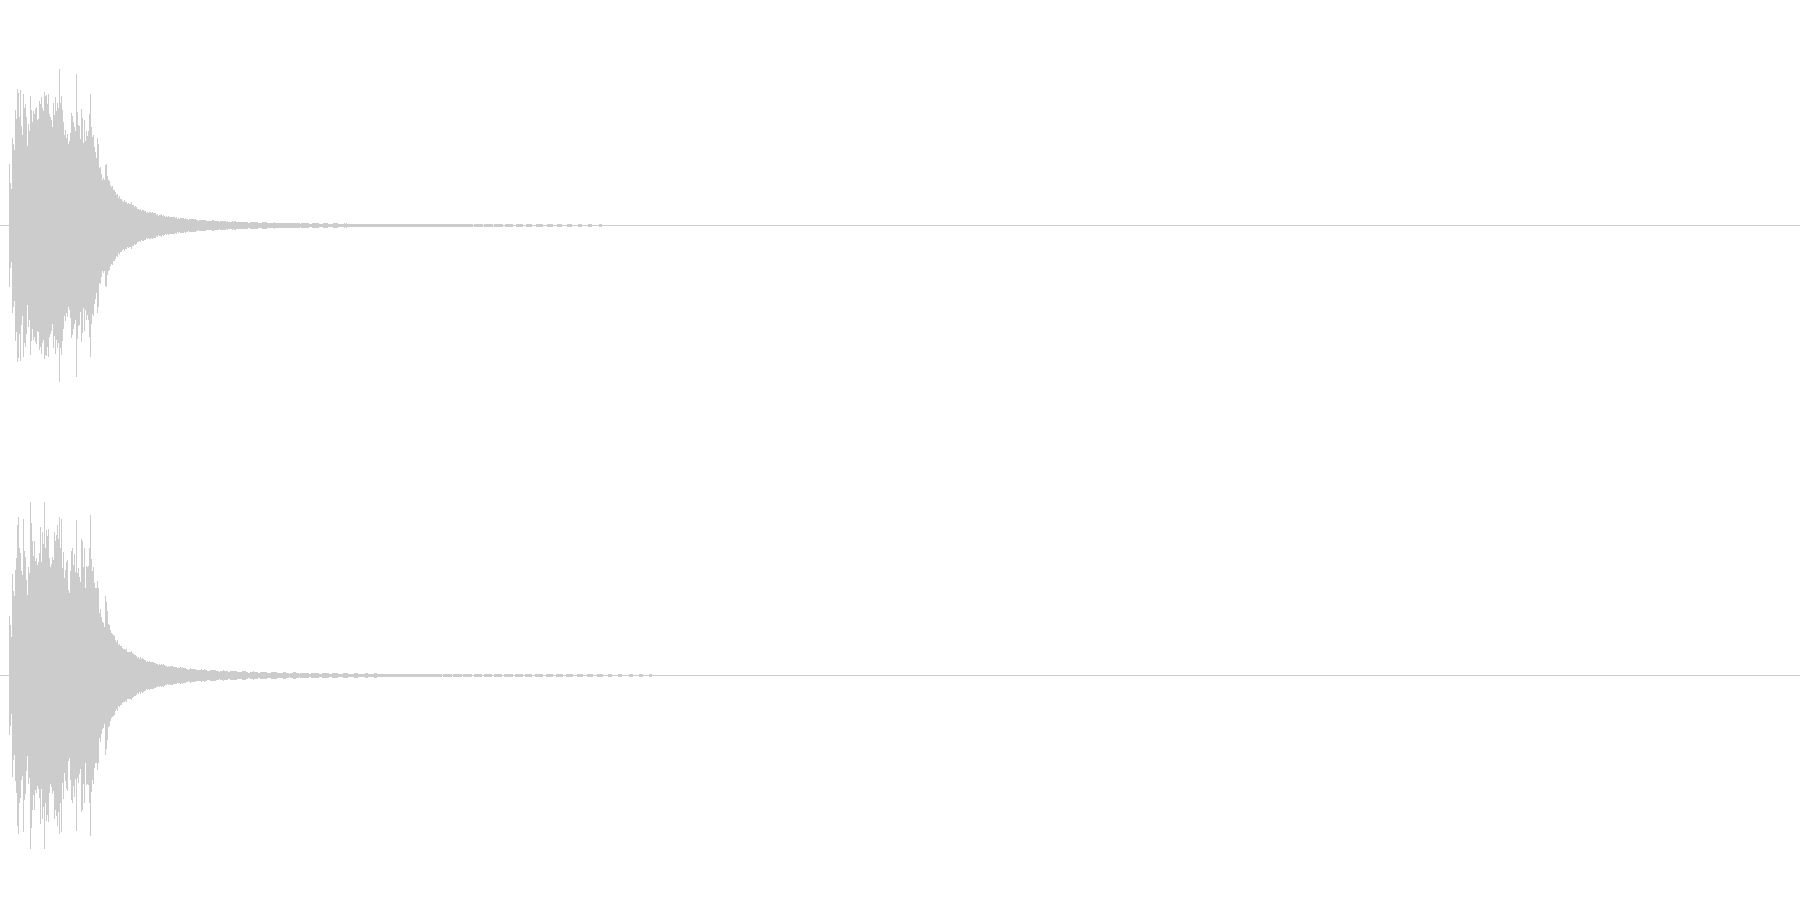 ツイストノブ付きアンティークドアベ...の未再生の波形